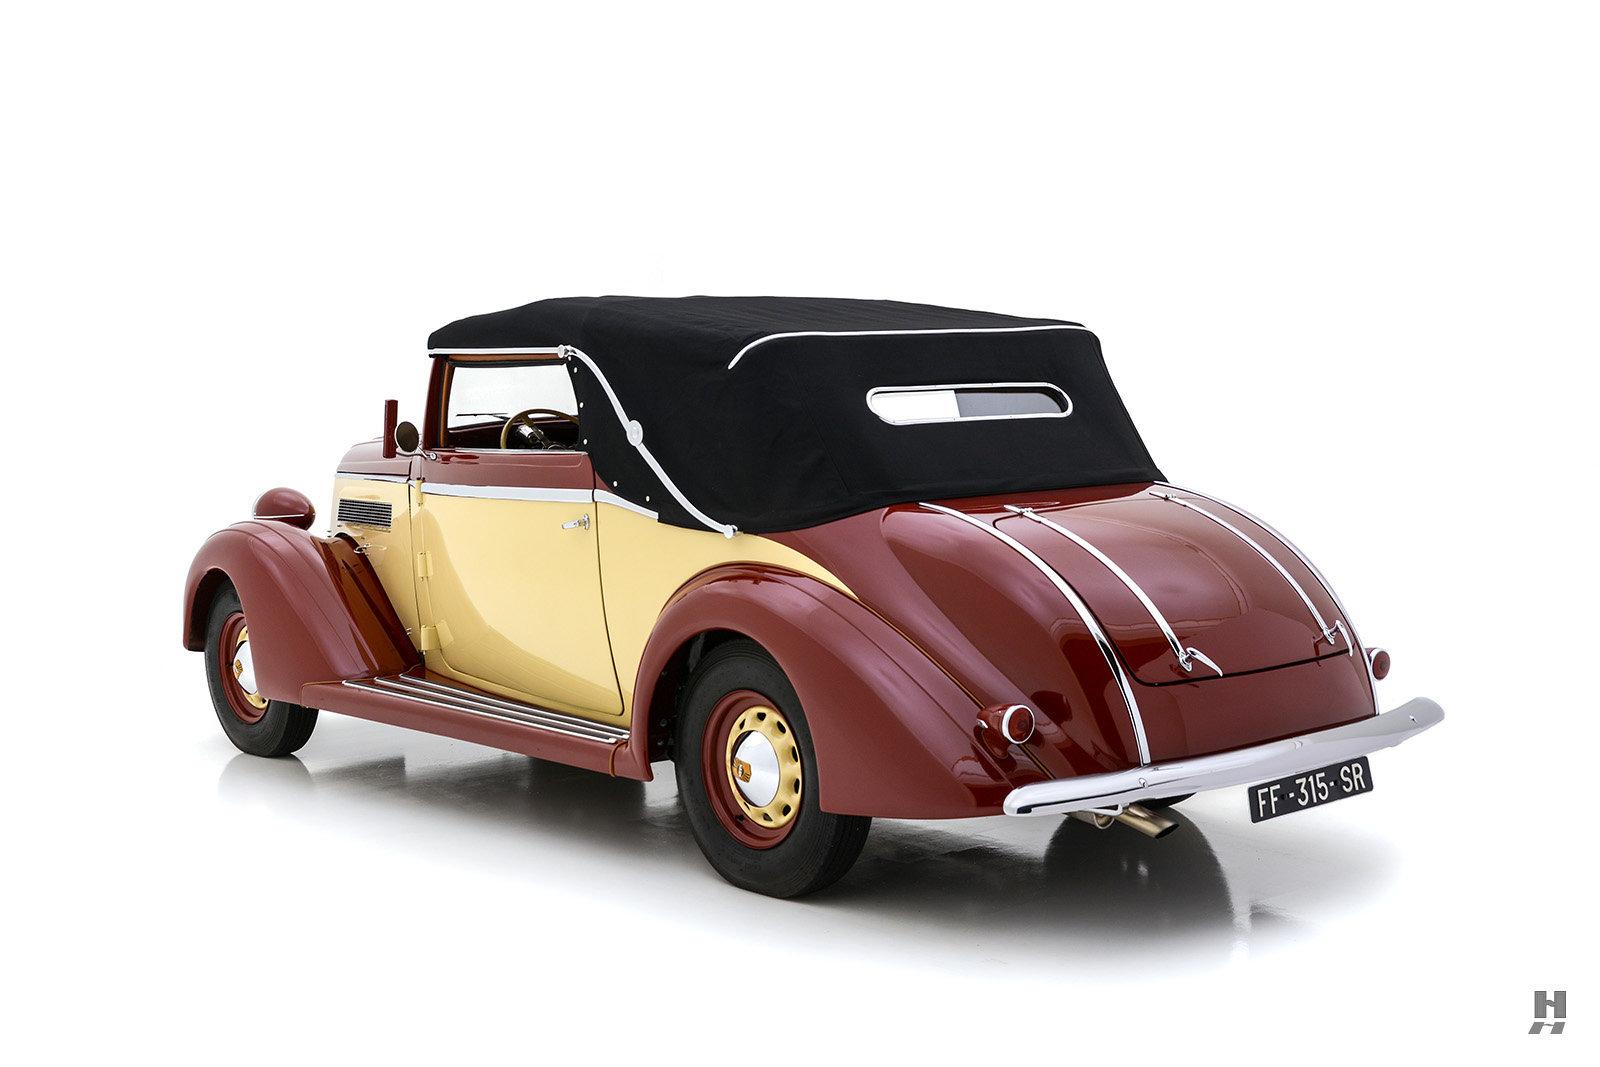 1935 NASH AMBASSADOR GLÄSER CABRIOLET For Sale (picture 6 of 6)